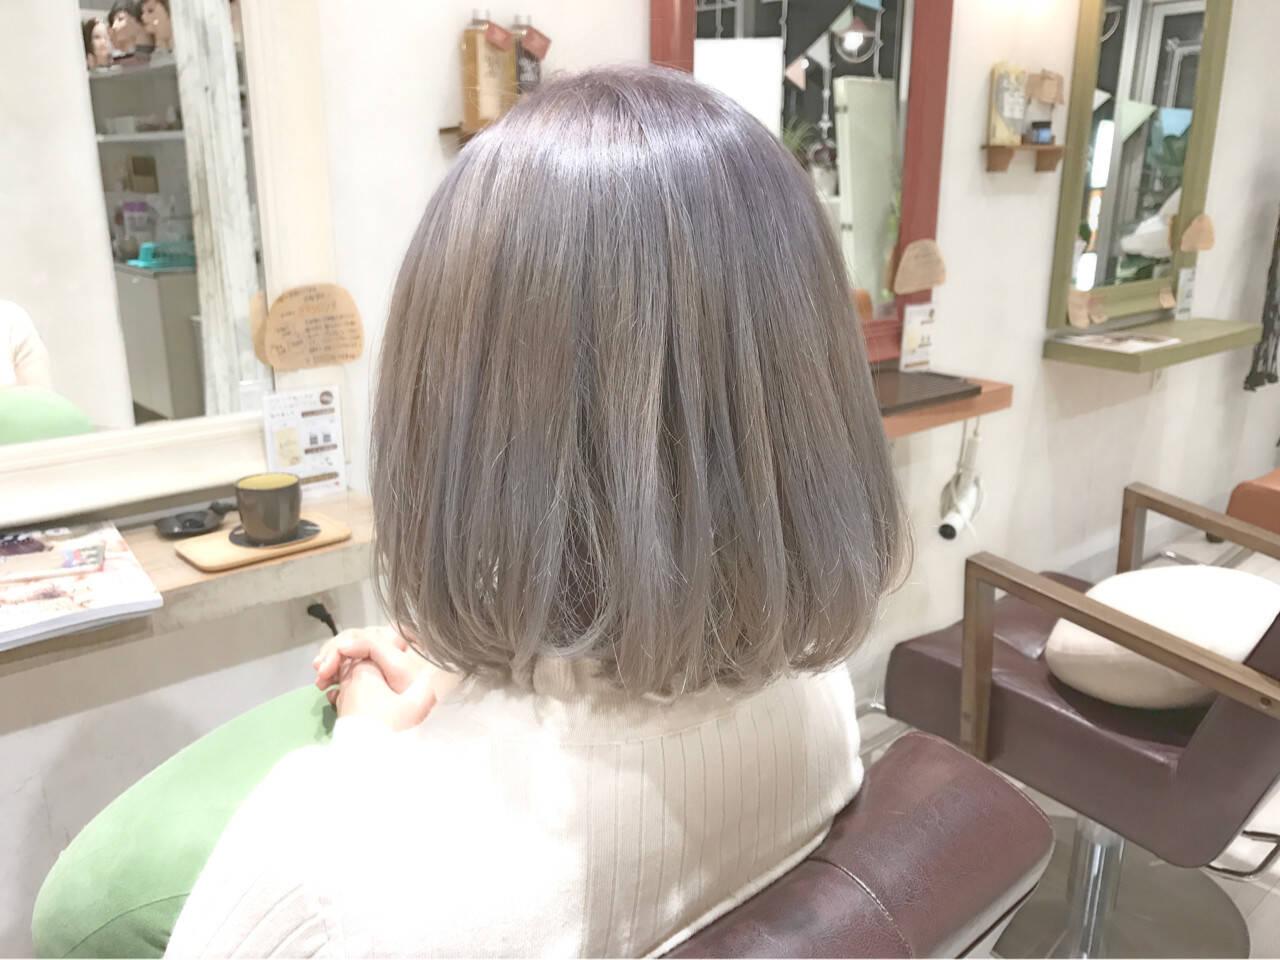 ボブ ハイトーン アッシュ ホワイトアッシュヘアスタイルや髪型の写真・画像